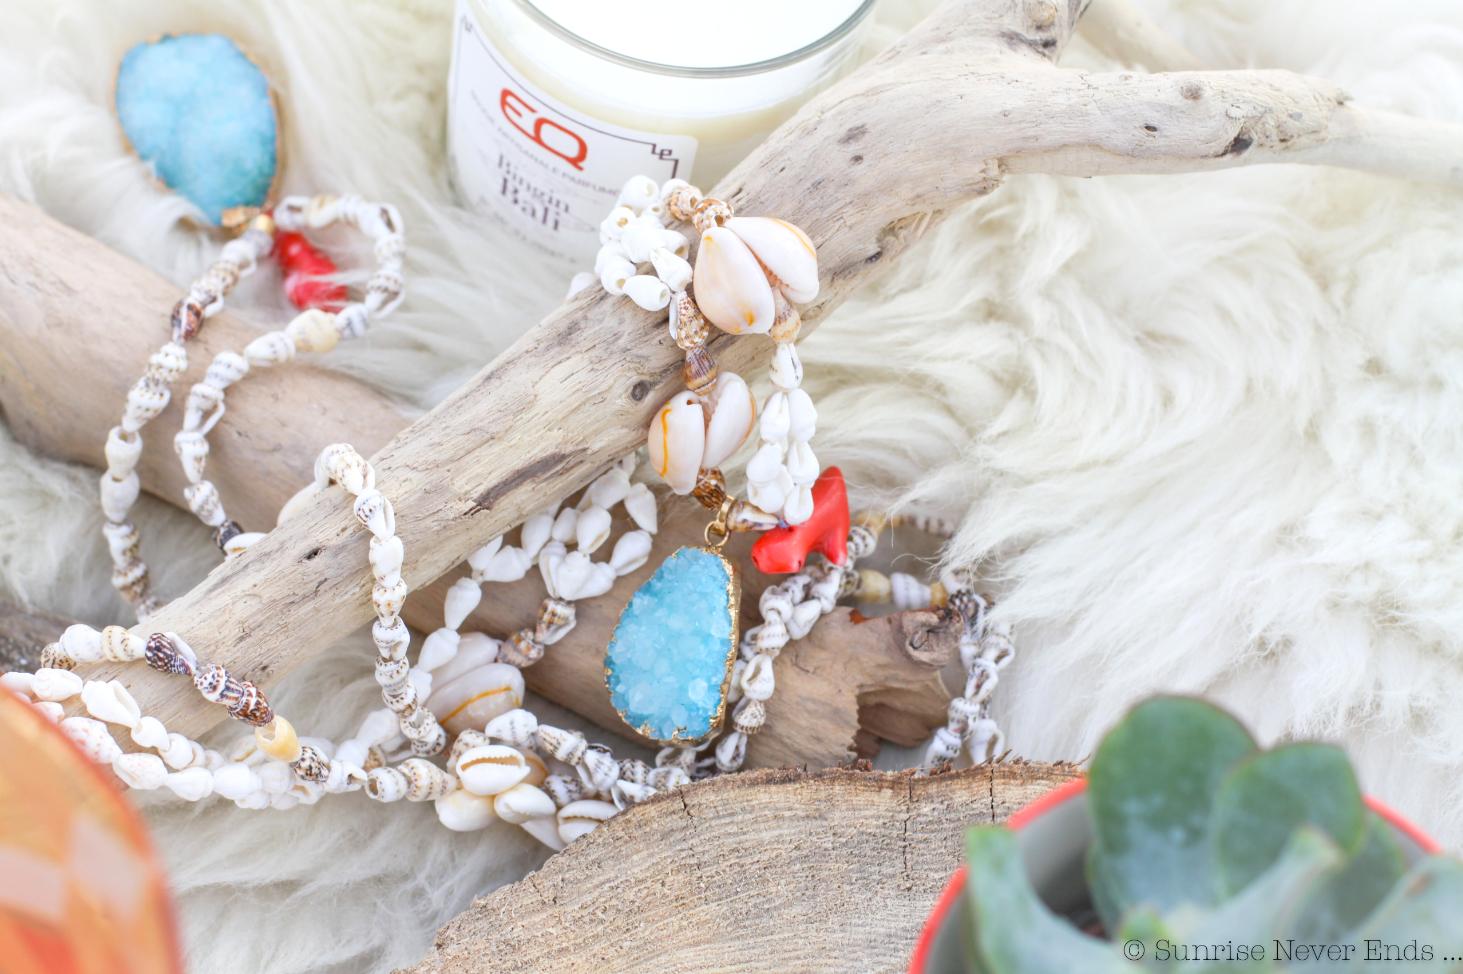 bijoux,concours,instagram,ateliers de sathyne,beach shack hossegor,sunrise never ends,collier,nacre